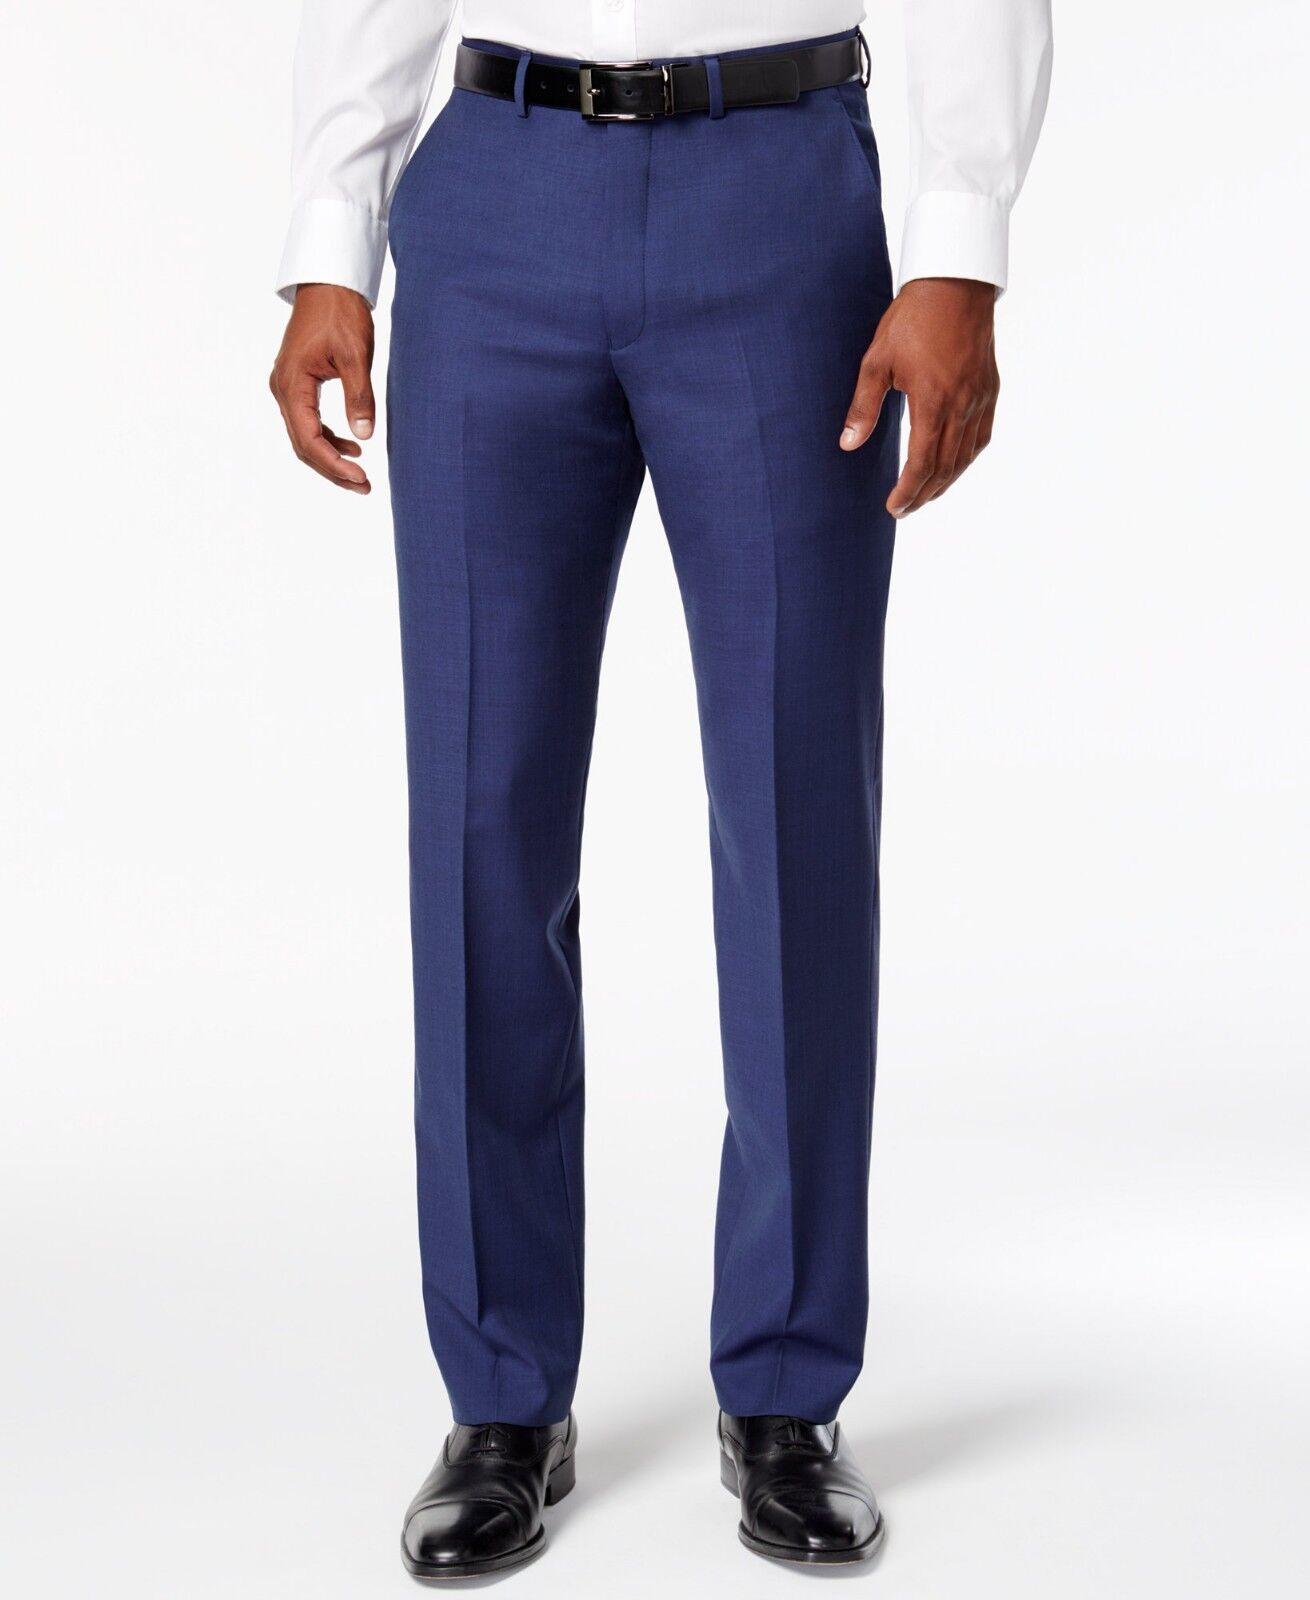 RYAN SEACREST Mens blueE FIT WOOL FLAT FRONT DRESS PANTS TROUSERS 34 W 34 L